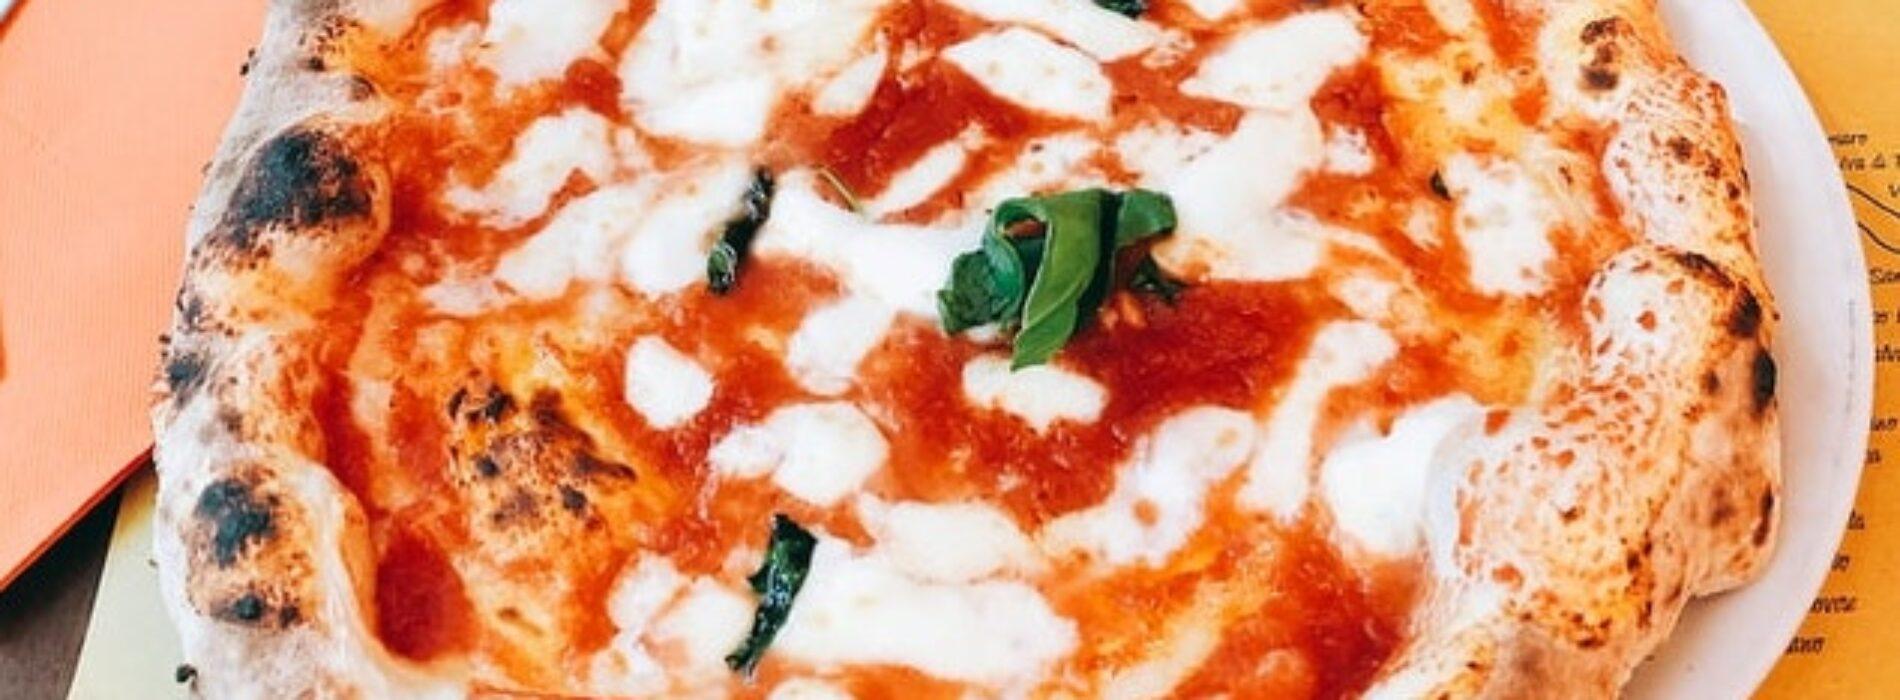 Giornata Mondiale della Pizza 2021: tre tipologie che forse non conosci